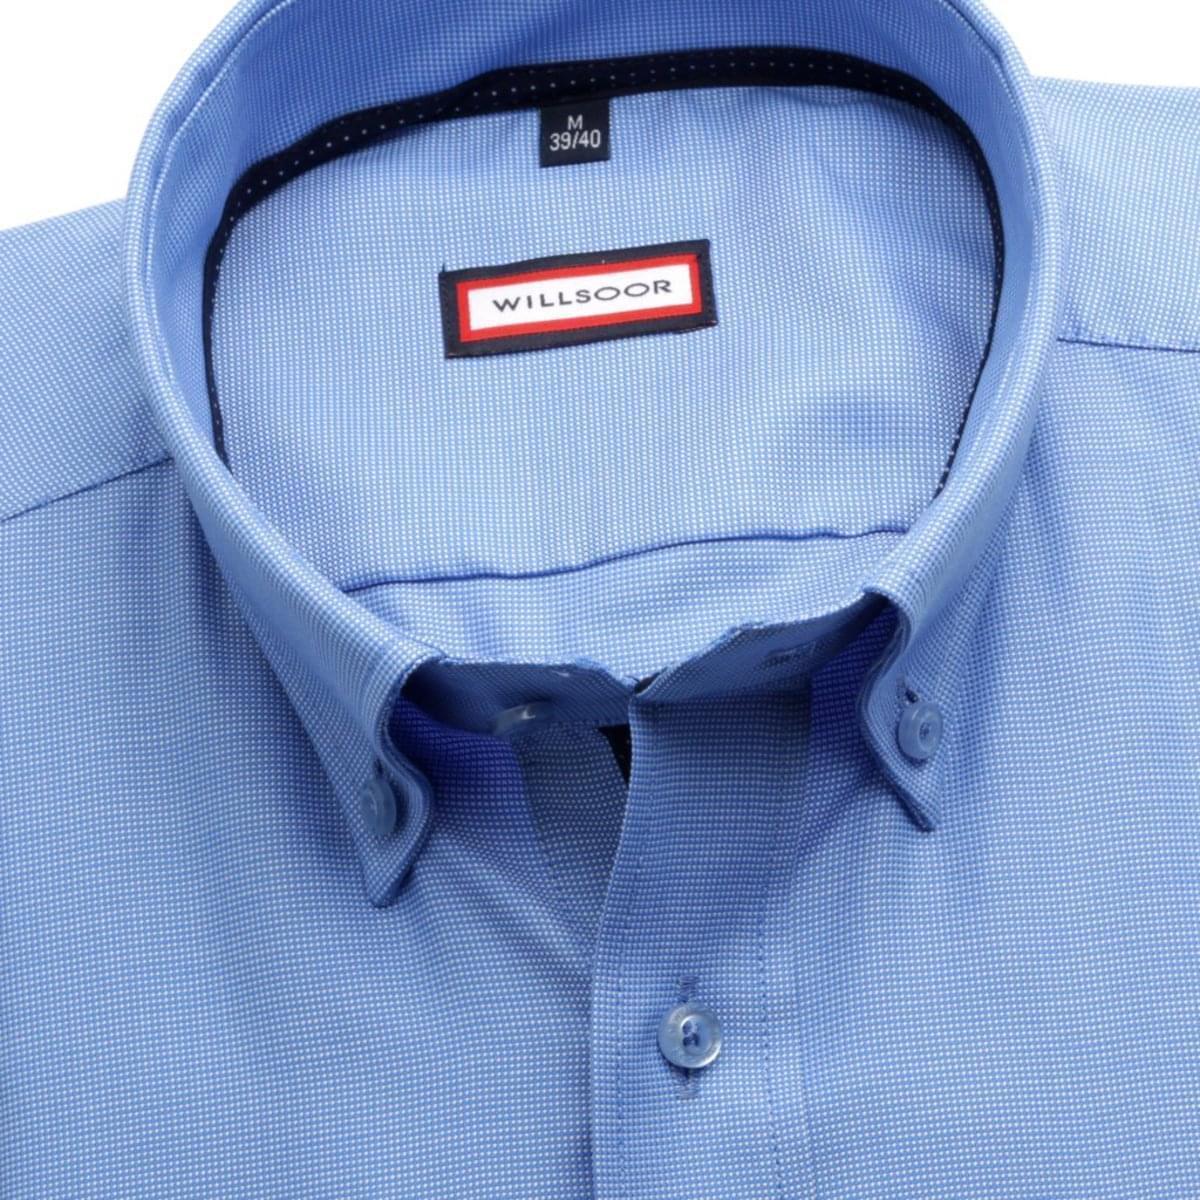 Pánská klasická košile (výška 176-182) 6984 ve světle modré barvě s formulí Easy Care 176-182 / XXL (45/46)